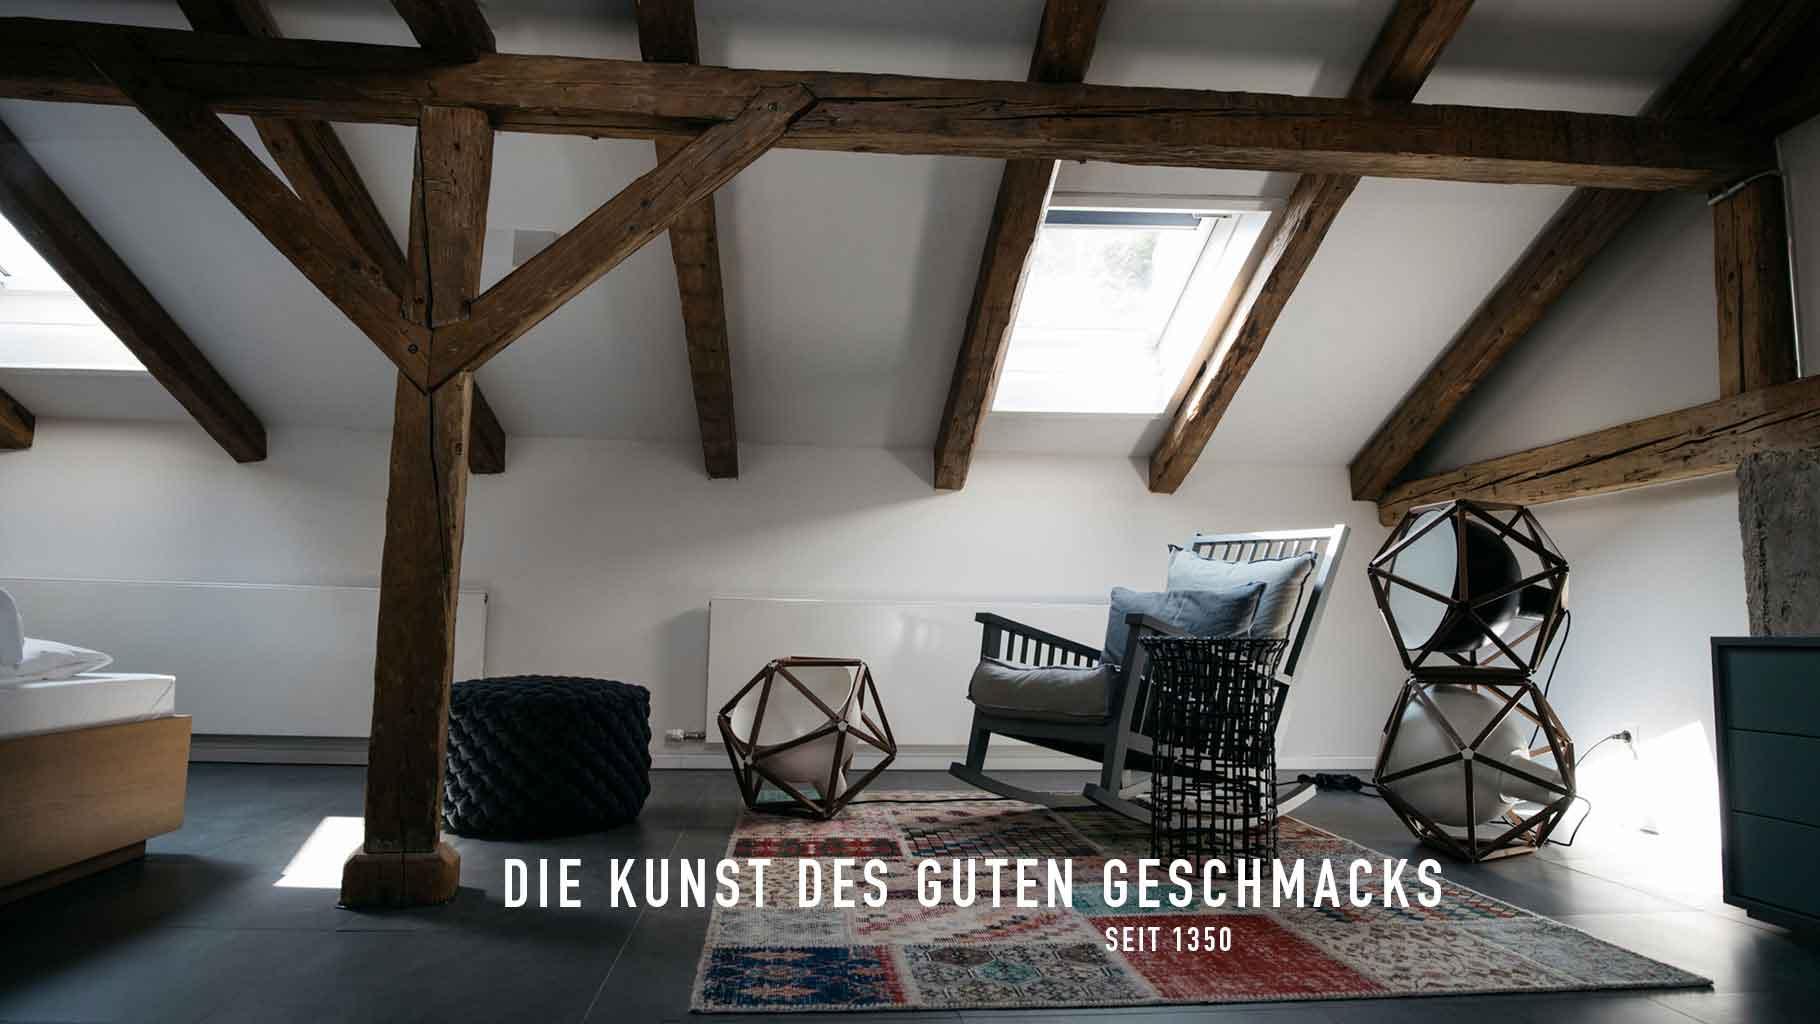 Image result for blaue gans salzburg